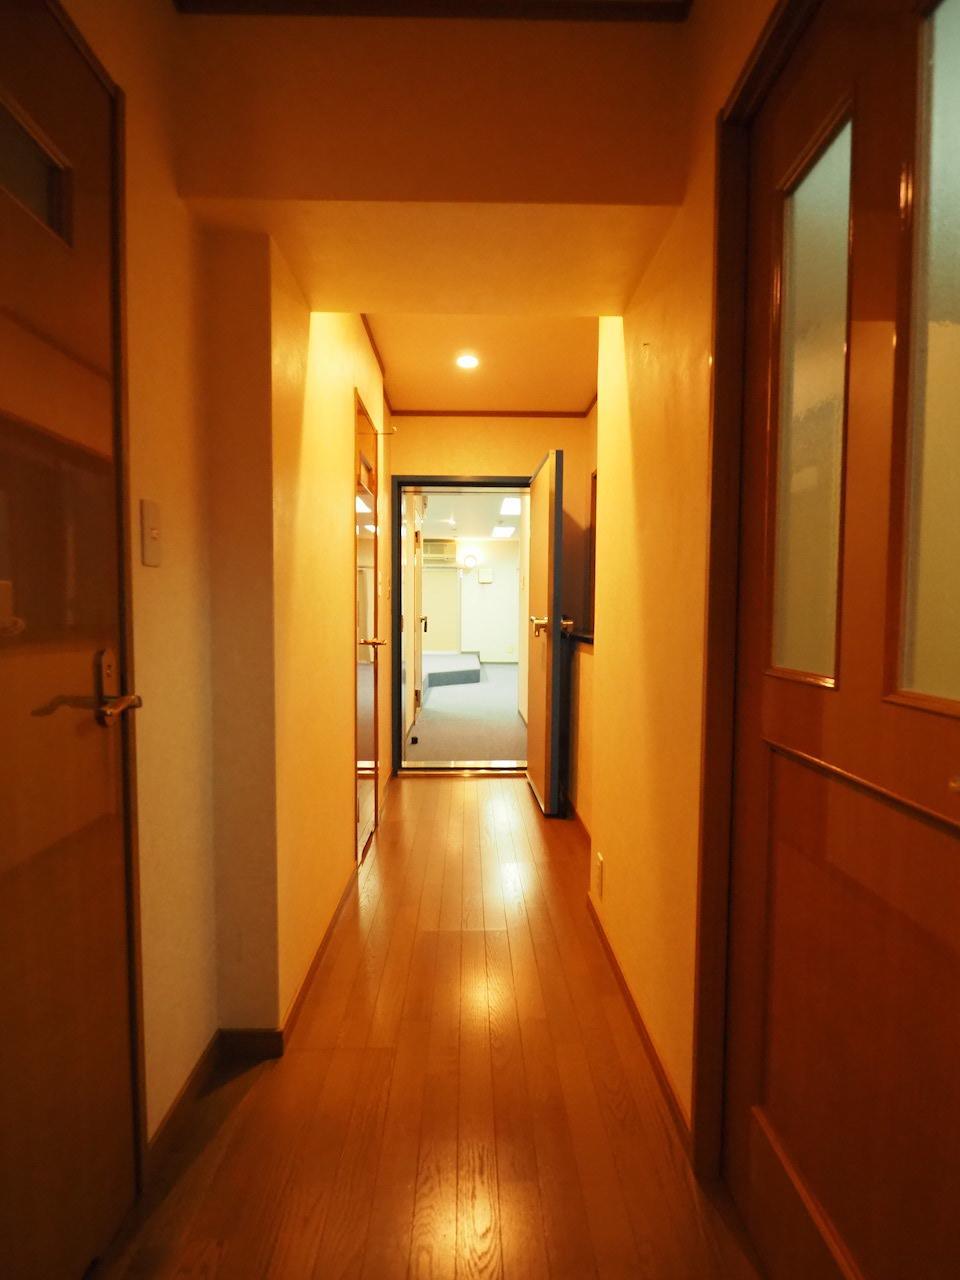 この普通のマンションの廊下の奥に見えるスタジオが異彩です。